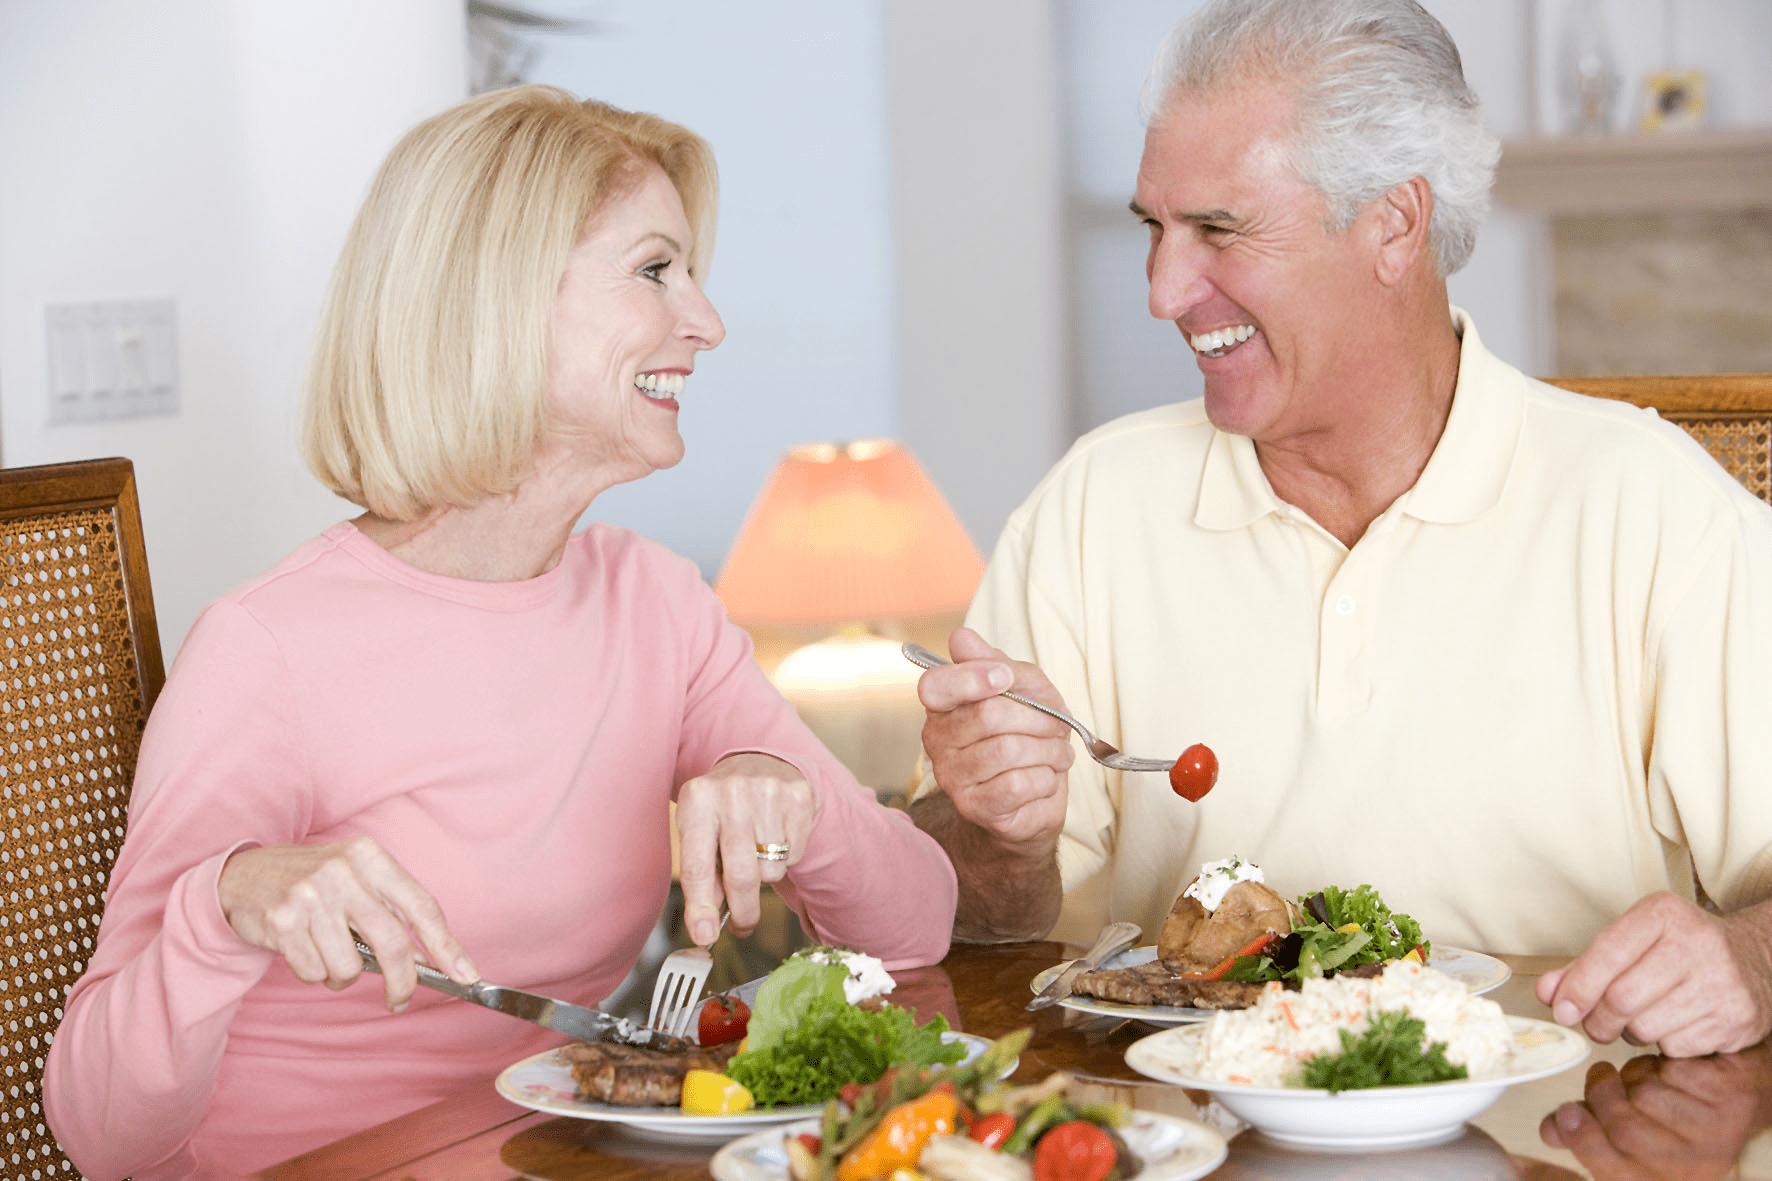 вариант картинки питание для пожилого возраста соревнования состоит